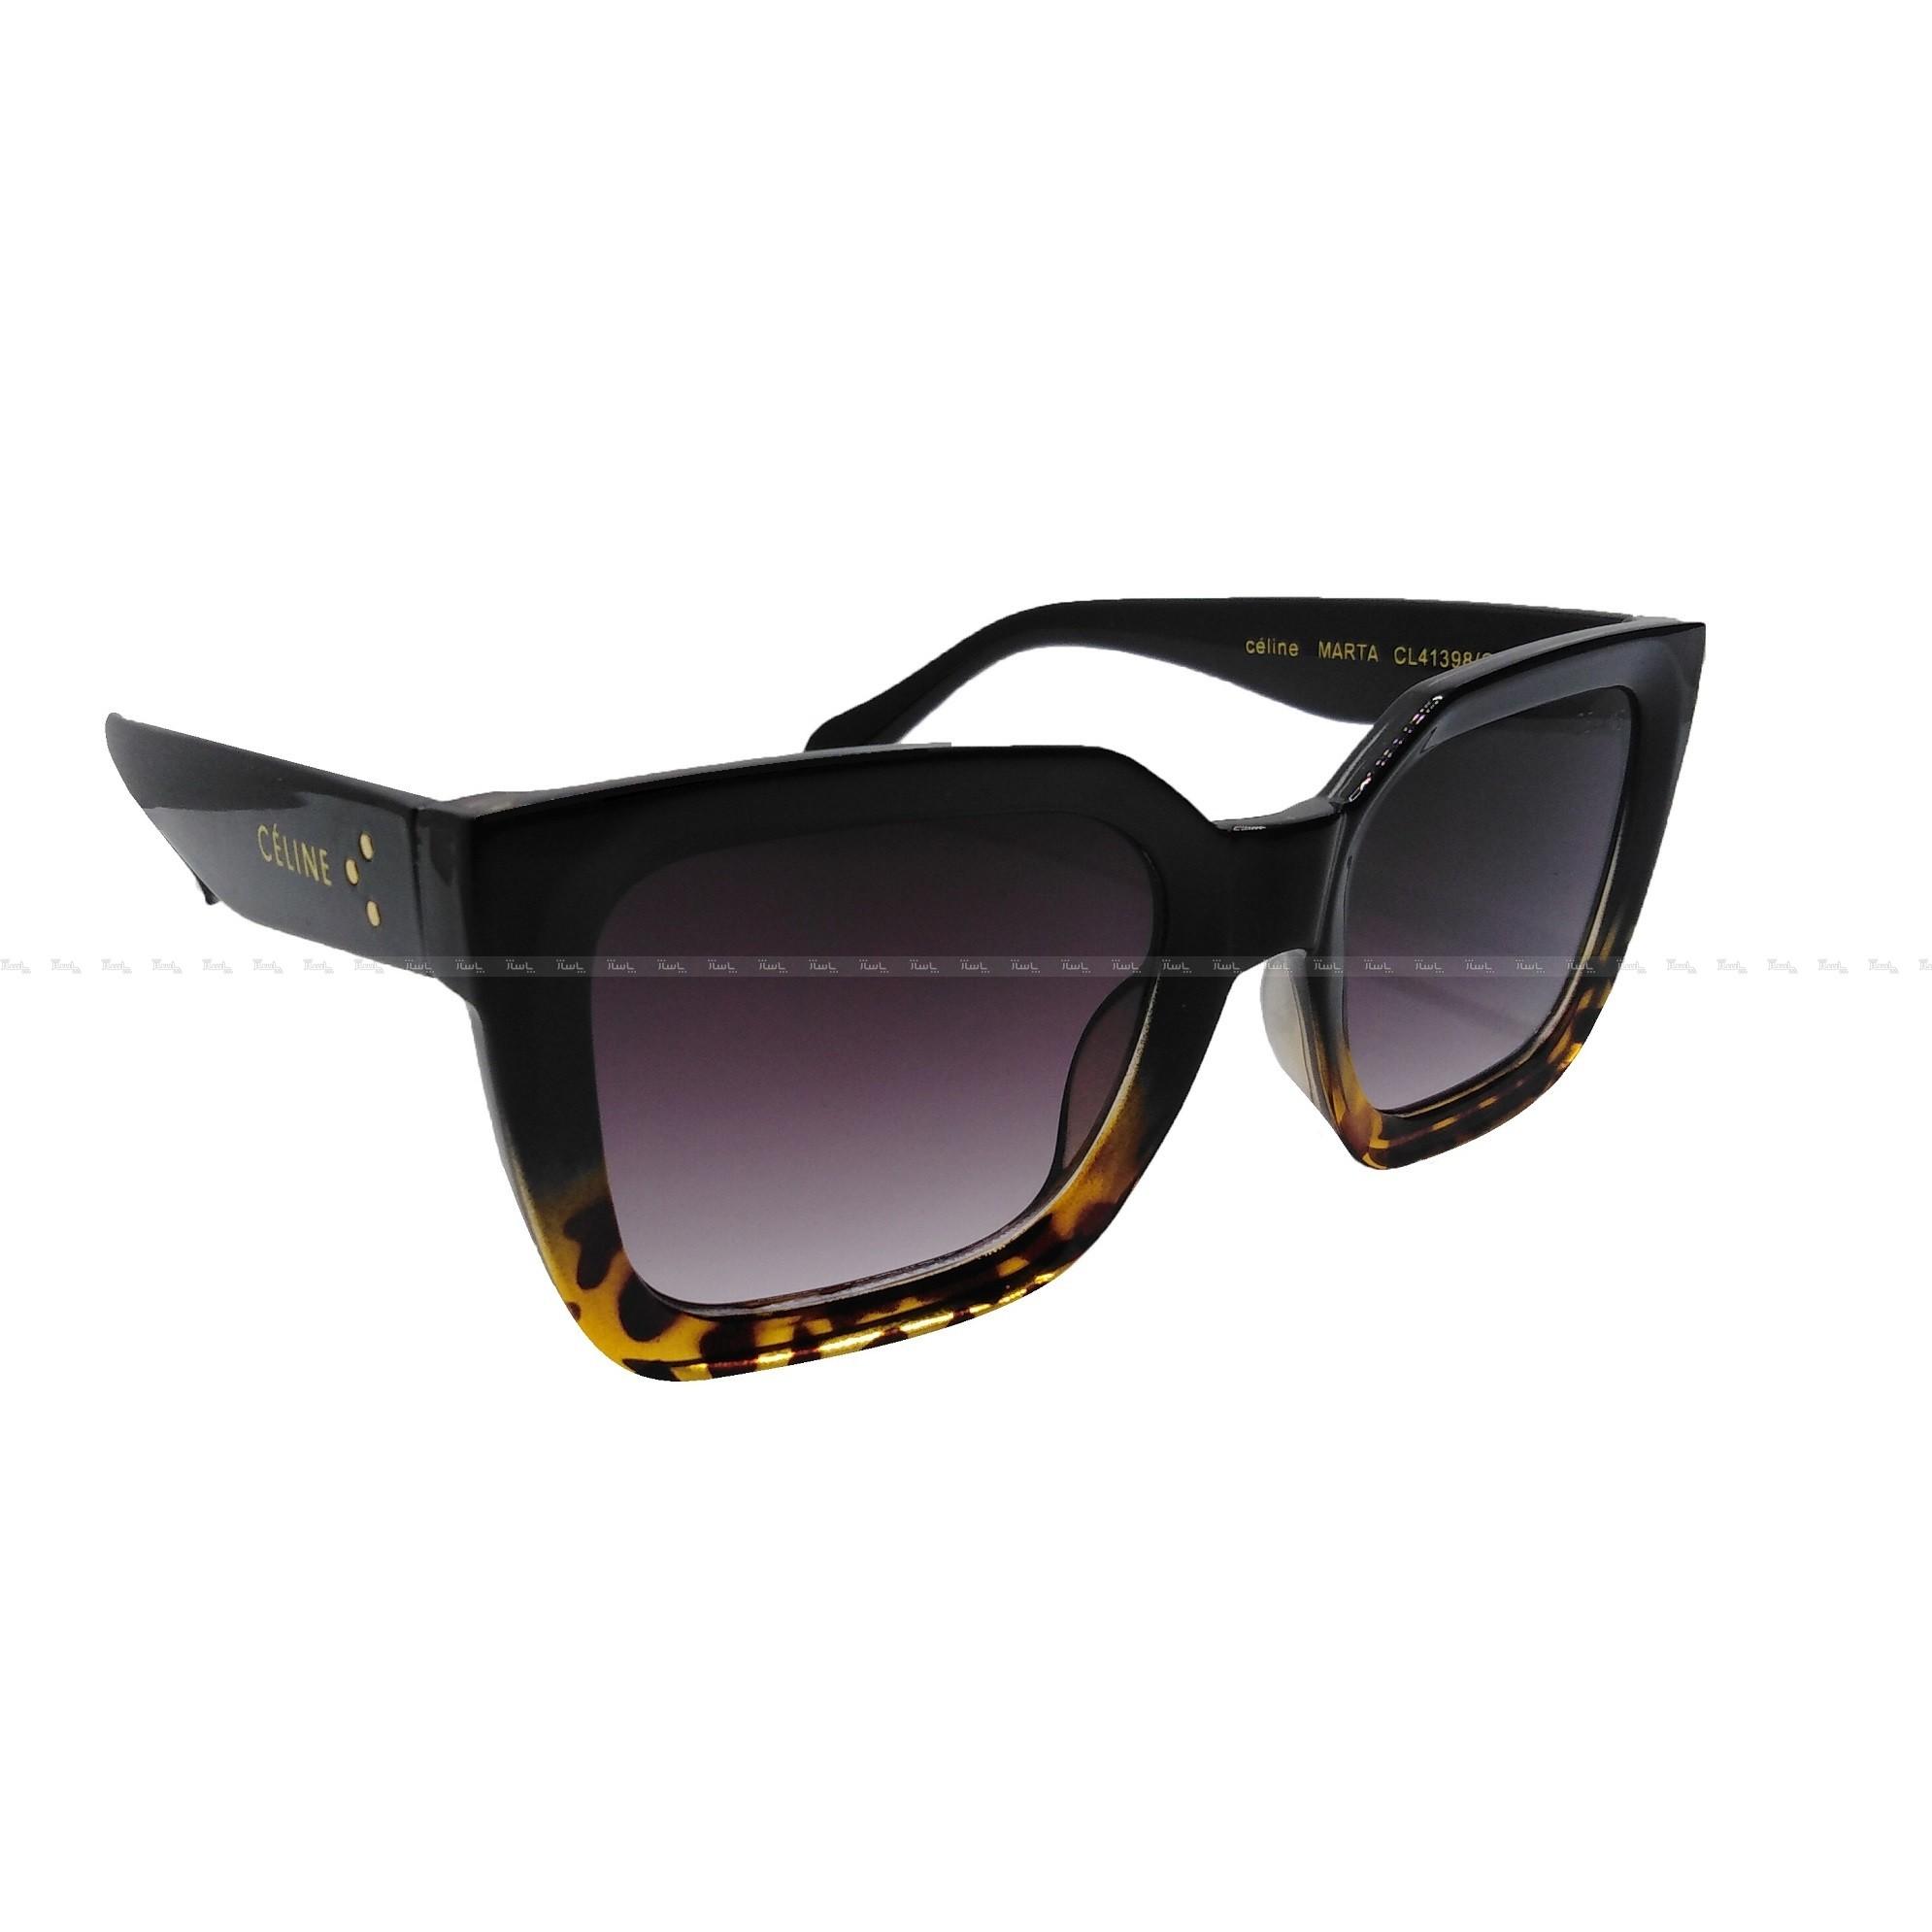 عینک آفتابی زنانه سلین کد CL41398-تصویر اصلی